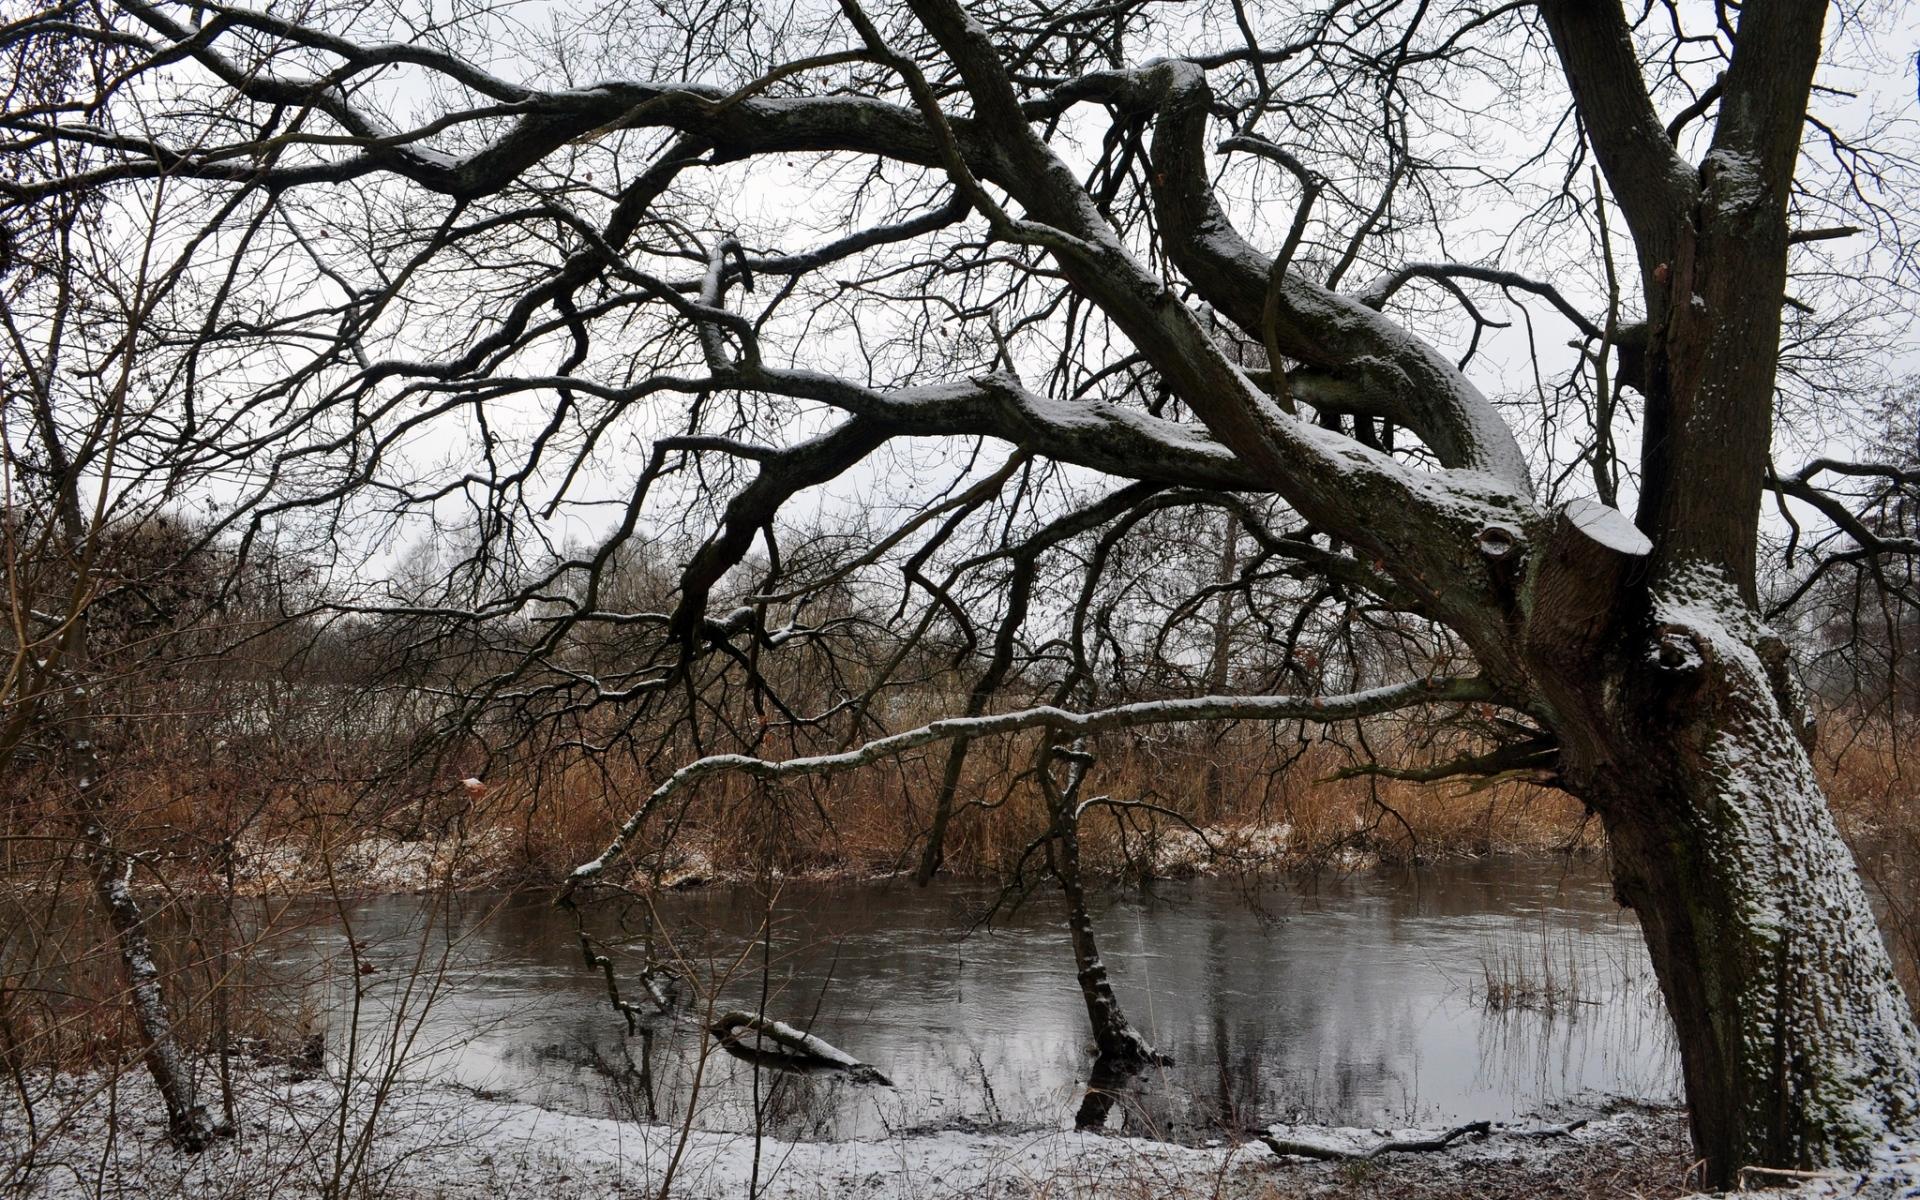 Картинки Дерево, река, снег, зима фото и обои на рабочий стол